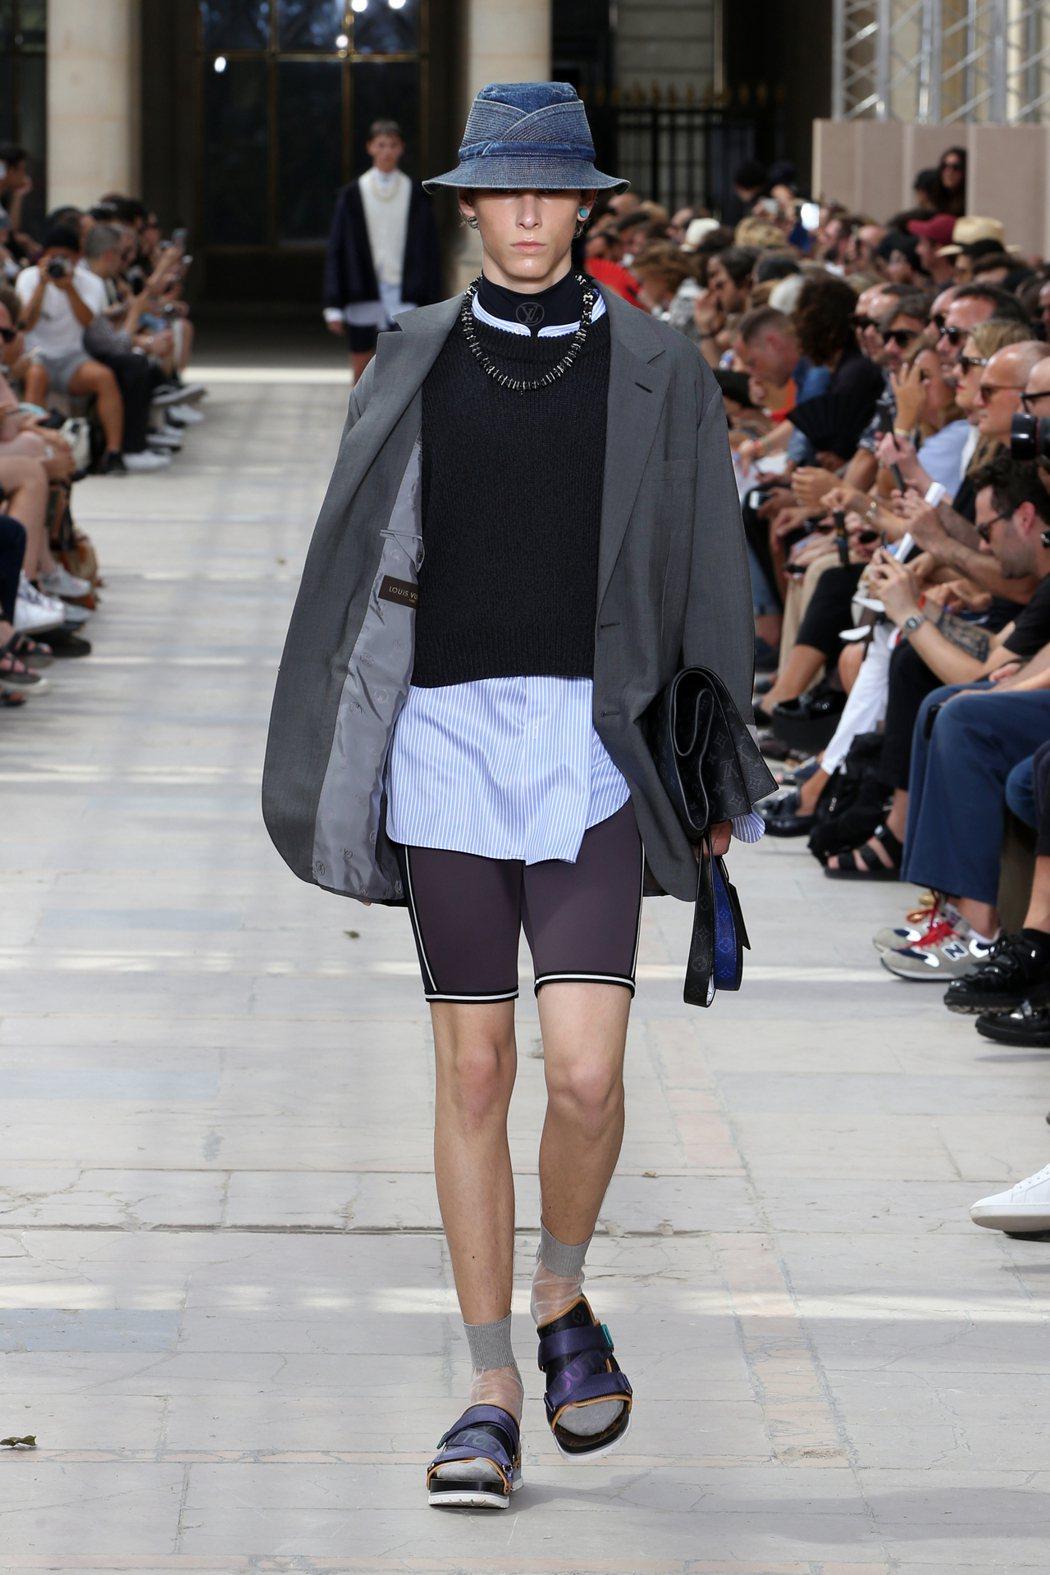 寬鬆剪裁的休閒服搭襯合身運動服,形成材質與調性的雙重對比。圖/LV提供